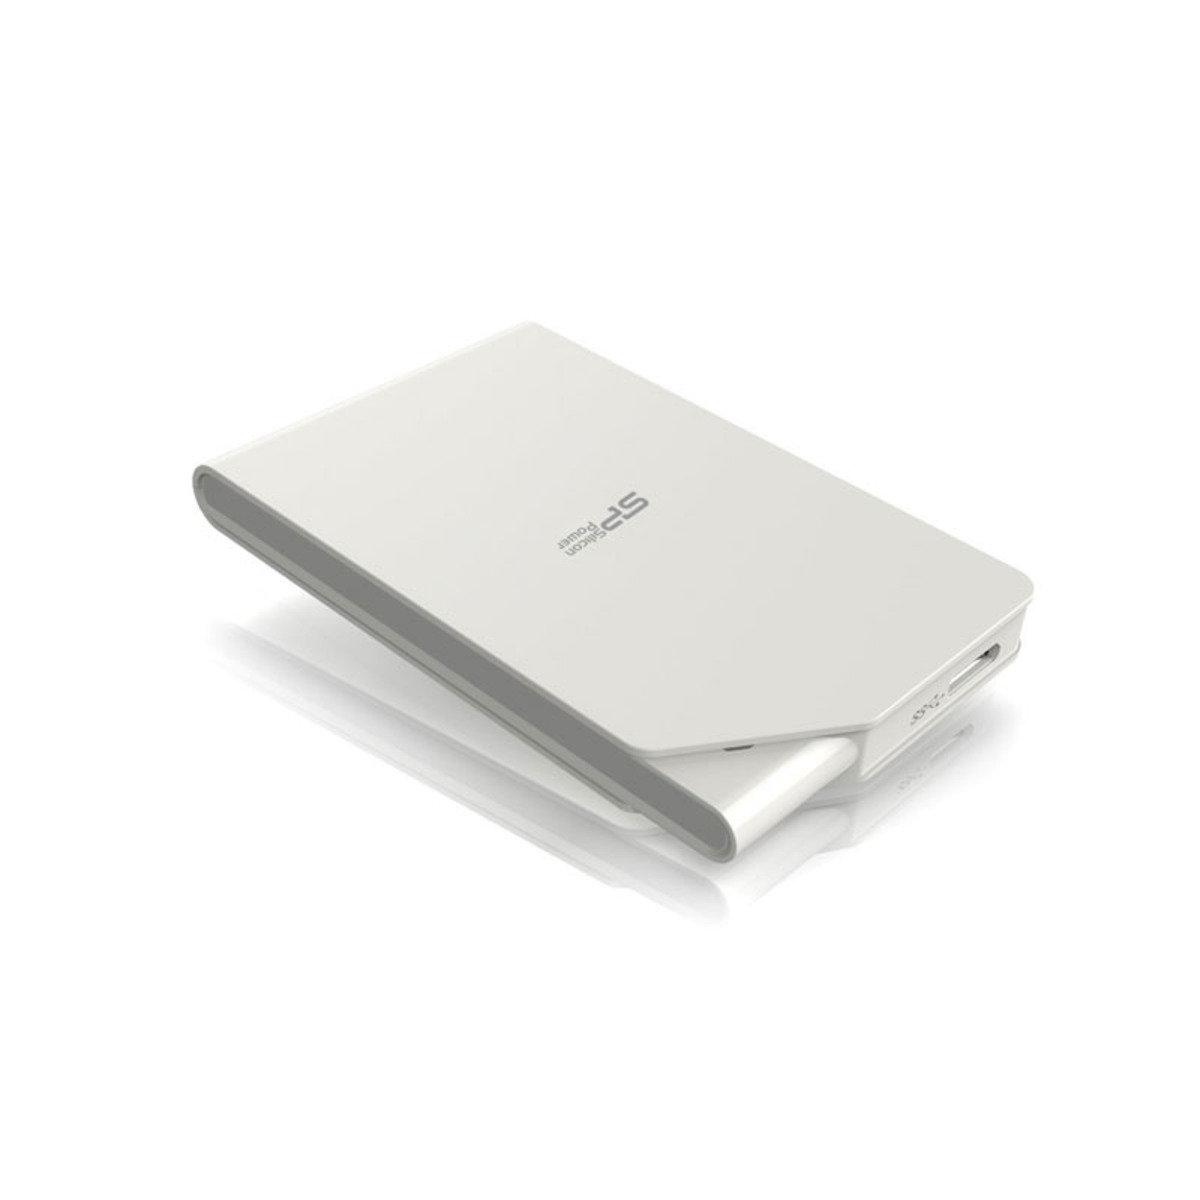 2.5吋 USB3.0 外置硬碟 STREAM S03 1TB 白色